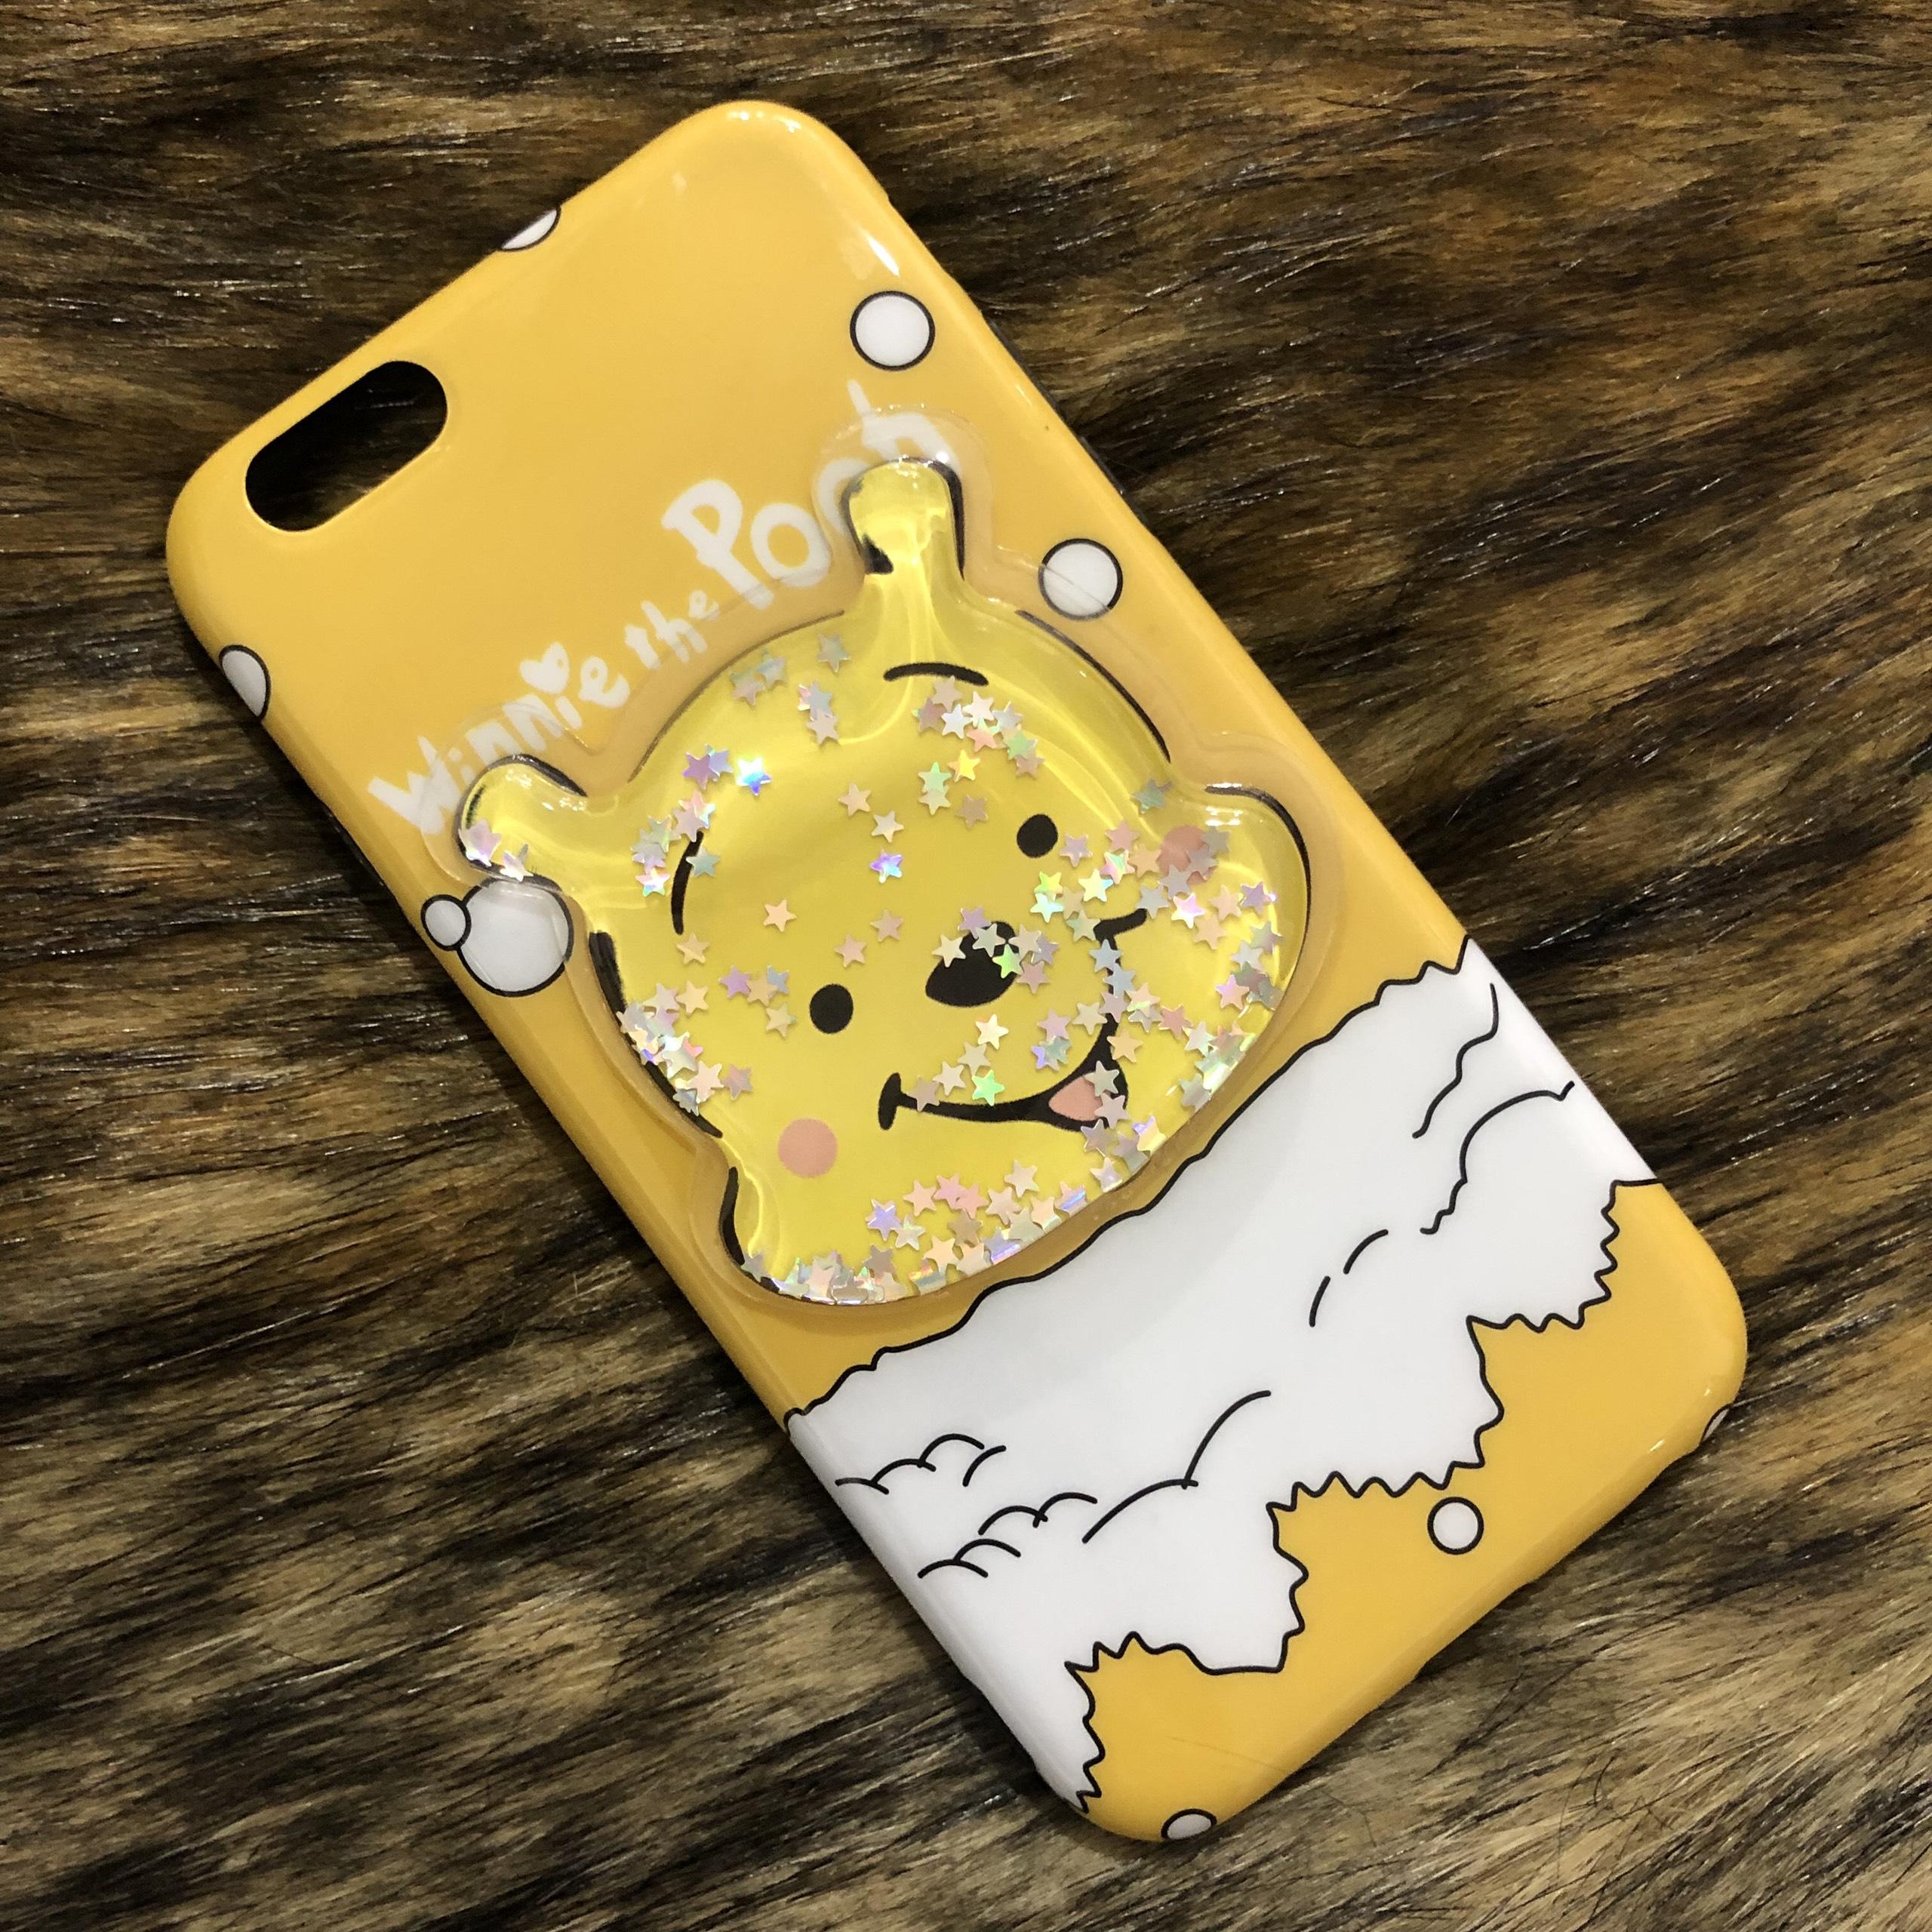 Ốp IMD Hàn Quốc Hình Gấu Dành Cho Iphone